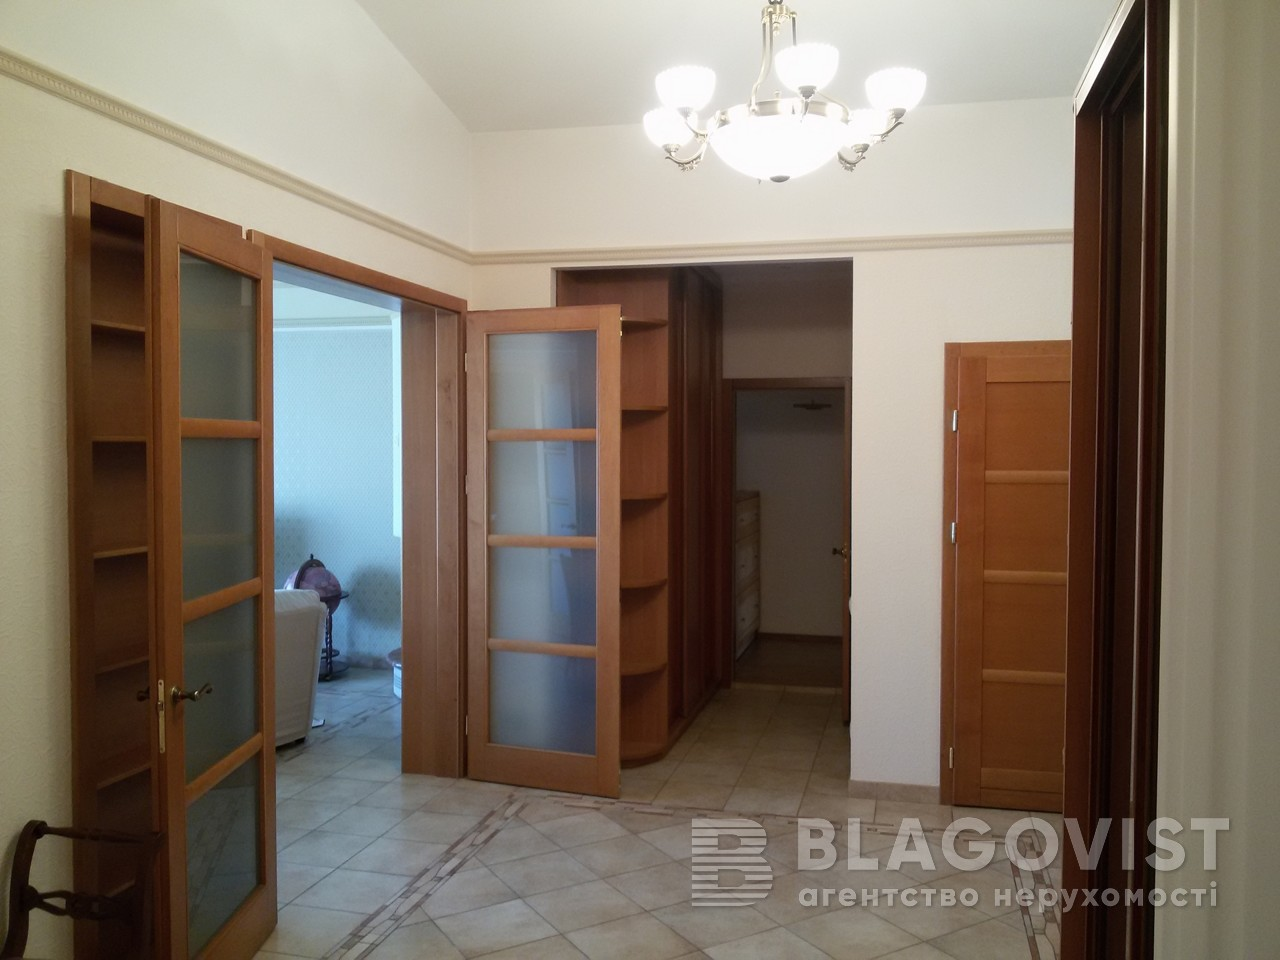 Квартира R-7966, Кирилловская (Фрунзе), 14/18, Киев - Фото 12